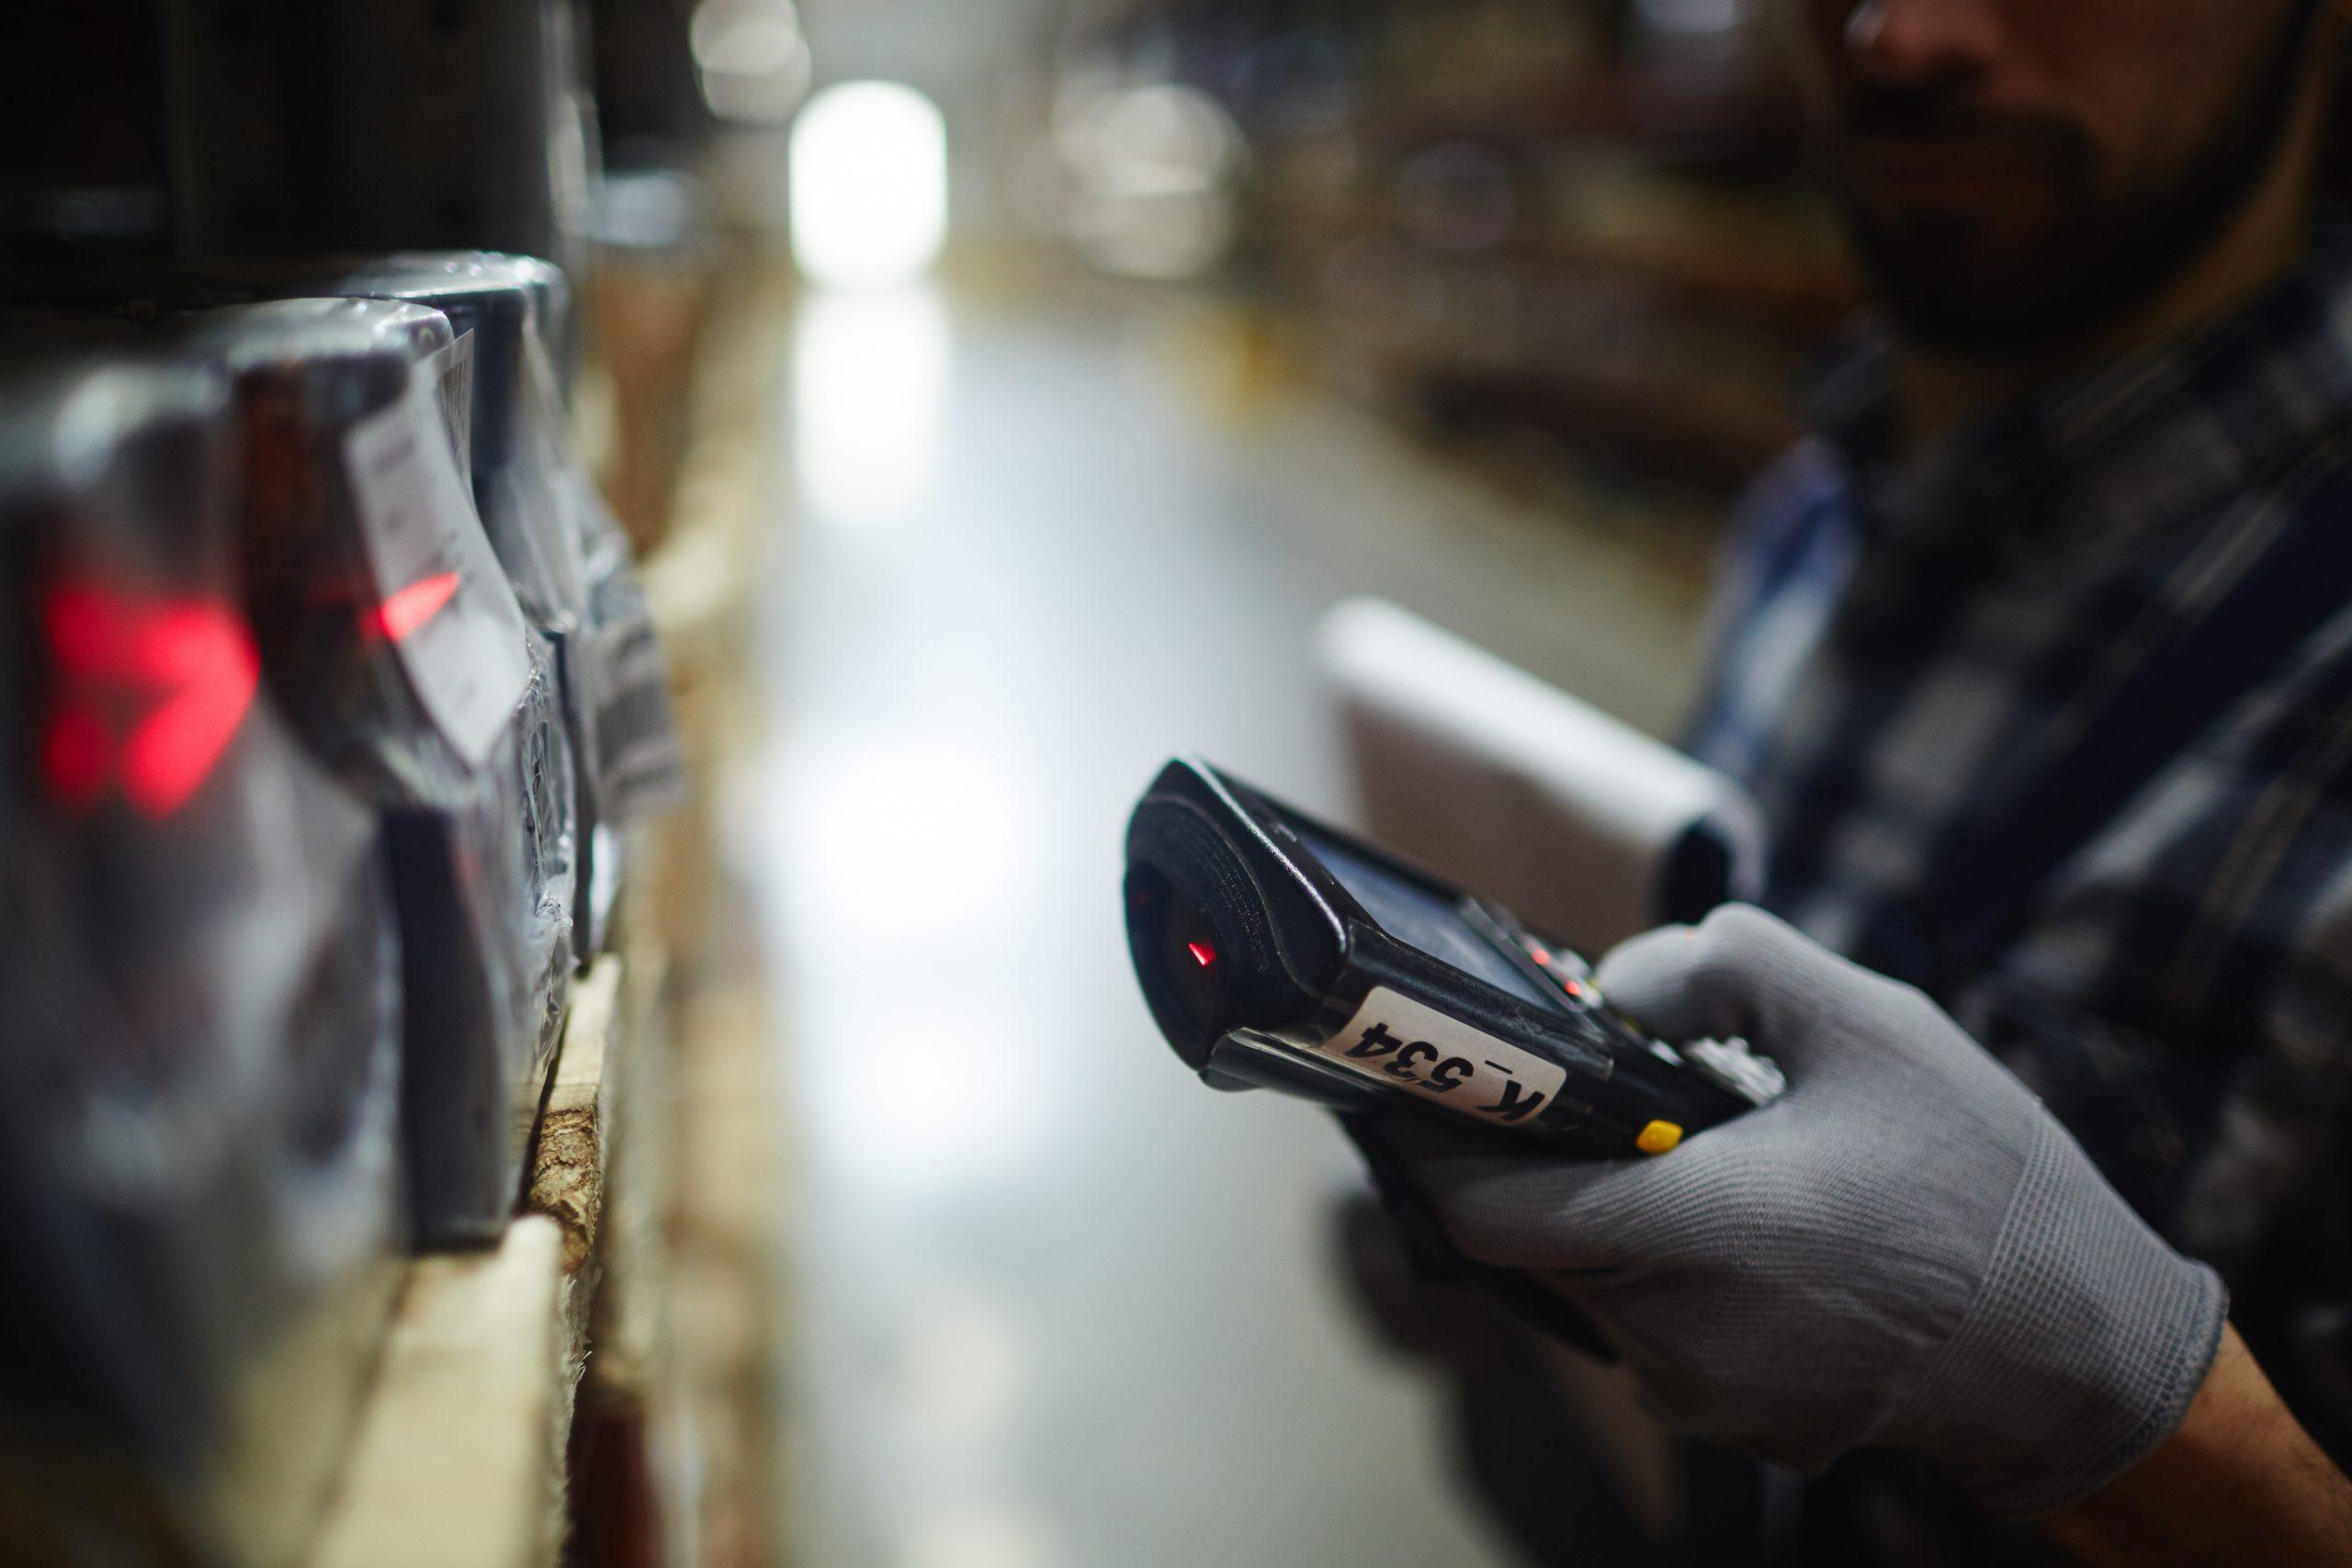 SKU proliferation – wie sich mehr Produkte auf die Lagerlogistik auswirken